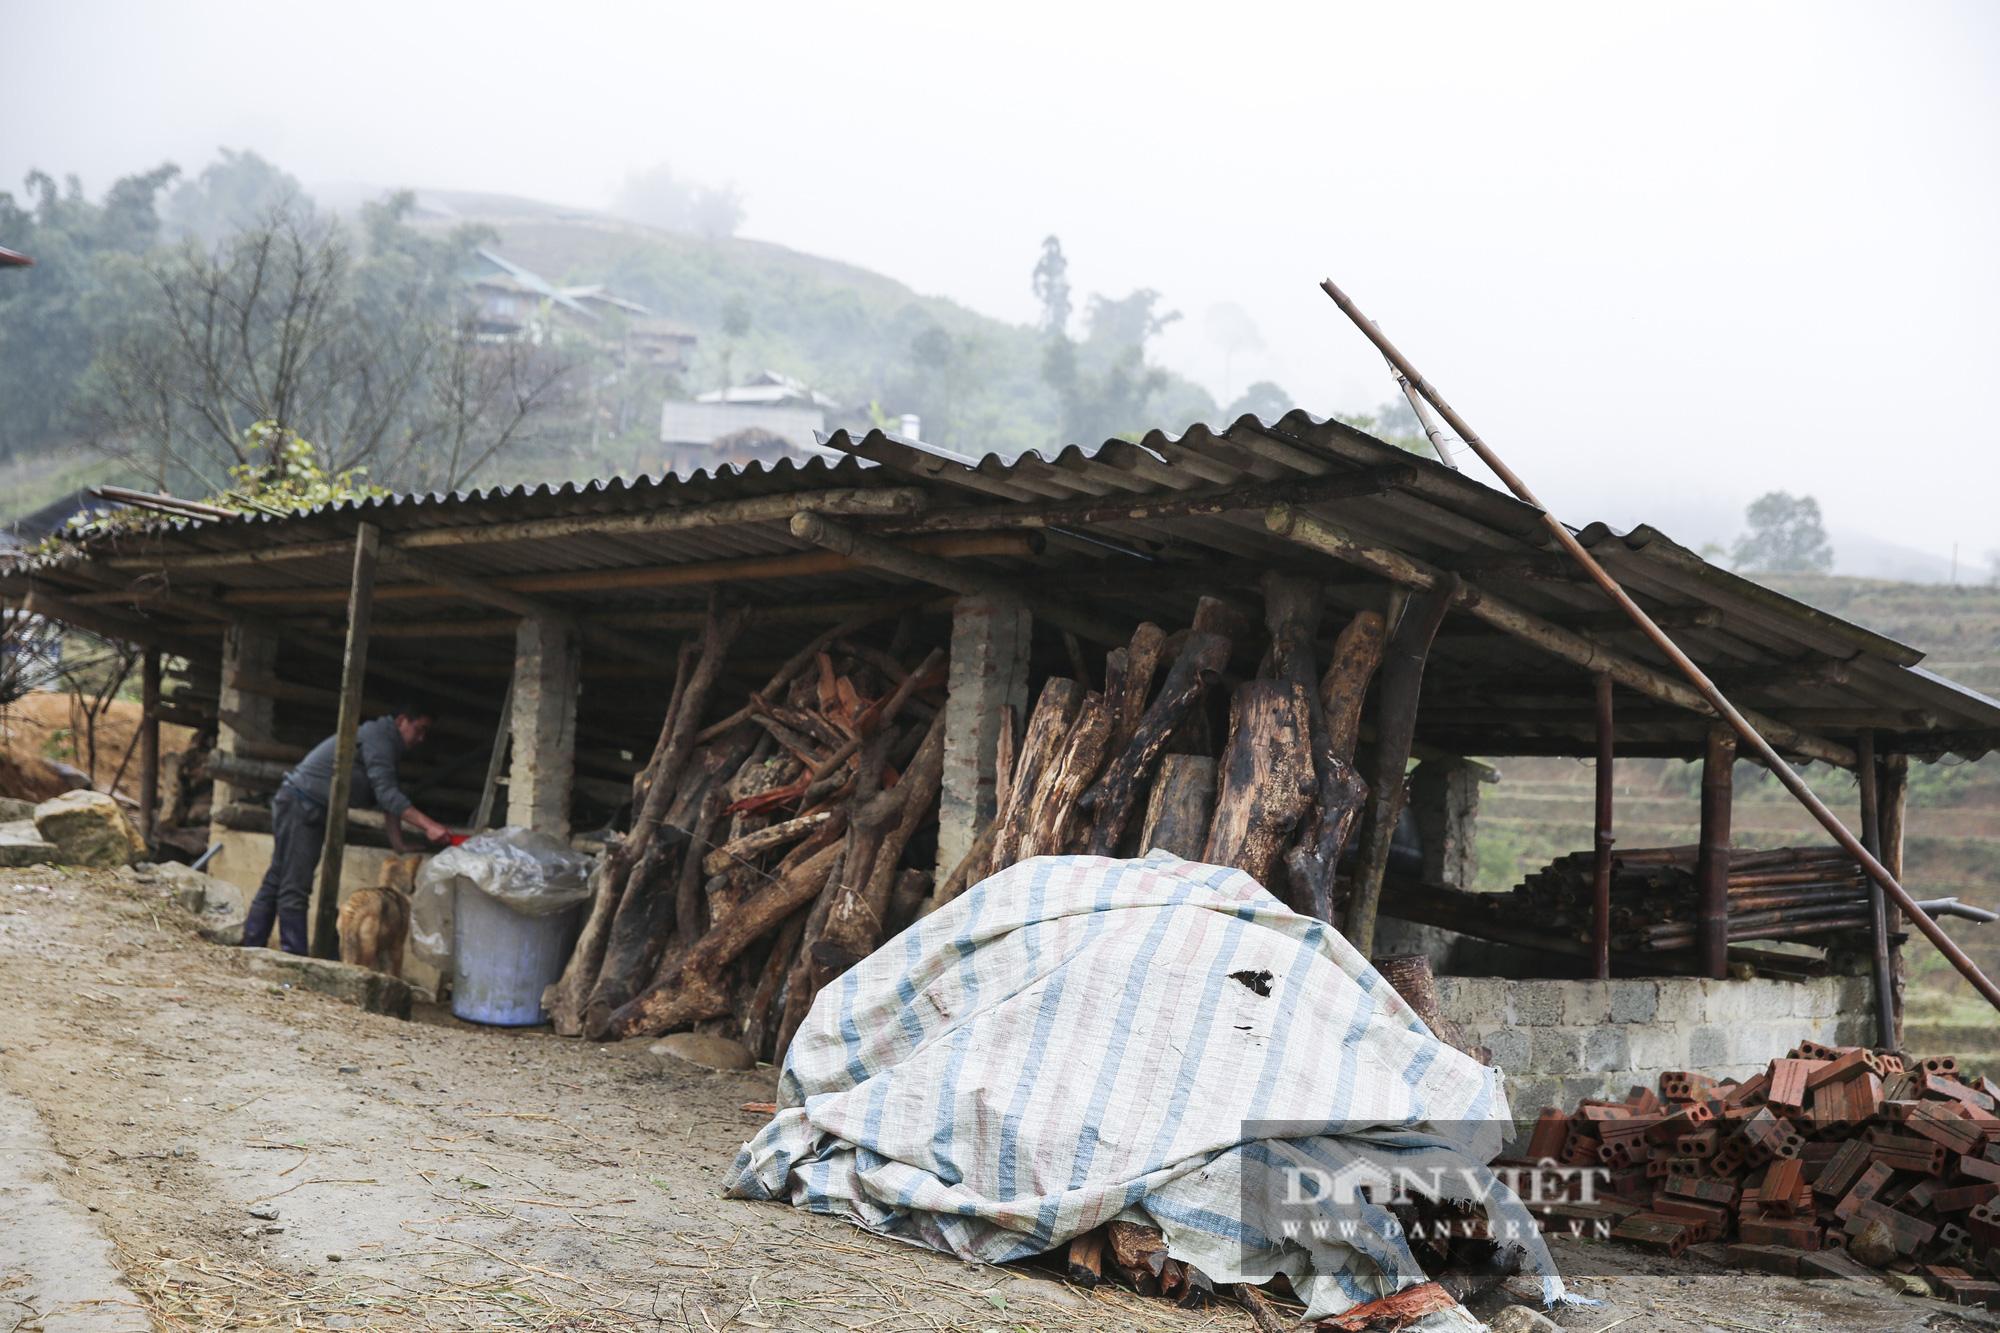 """Nông dân Sa Pa """"căng mình"""" bảo vệ cây trồng, vật nuôi trước nguy cơ xuất hiện mưa tuyết - Ảnh 13."""